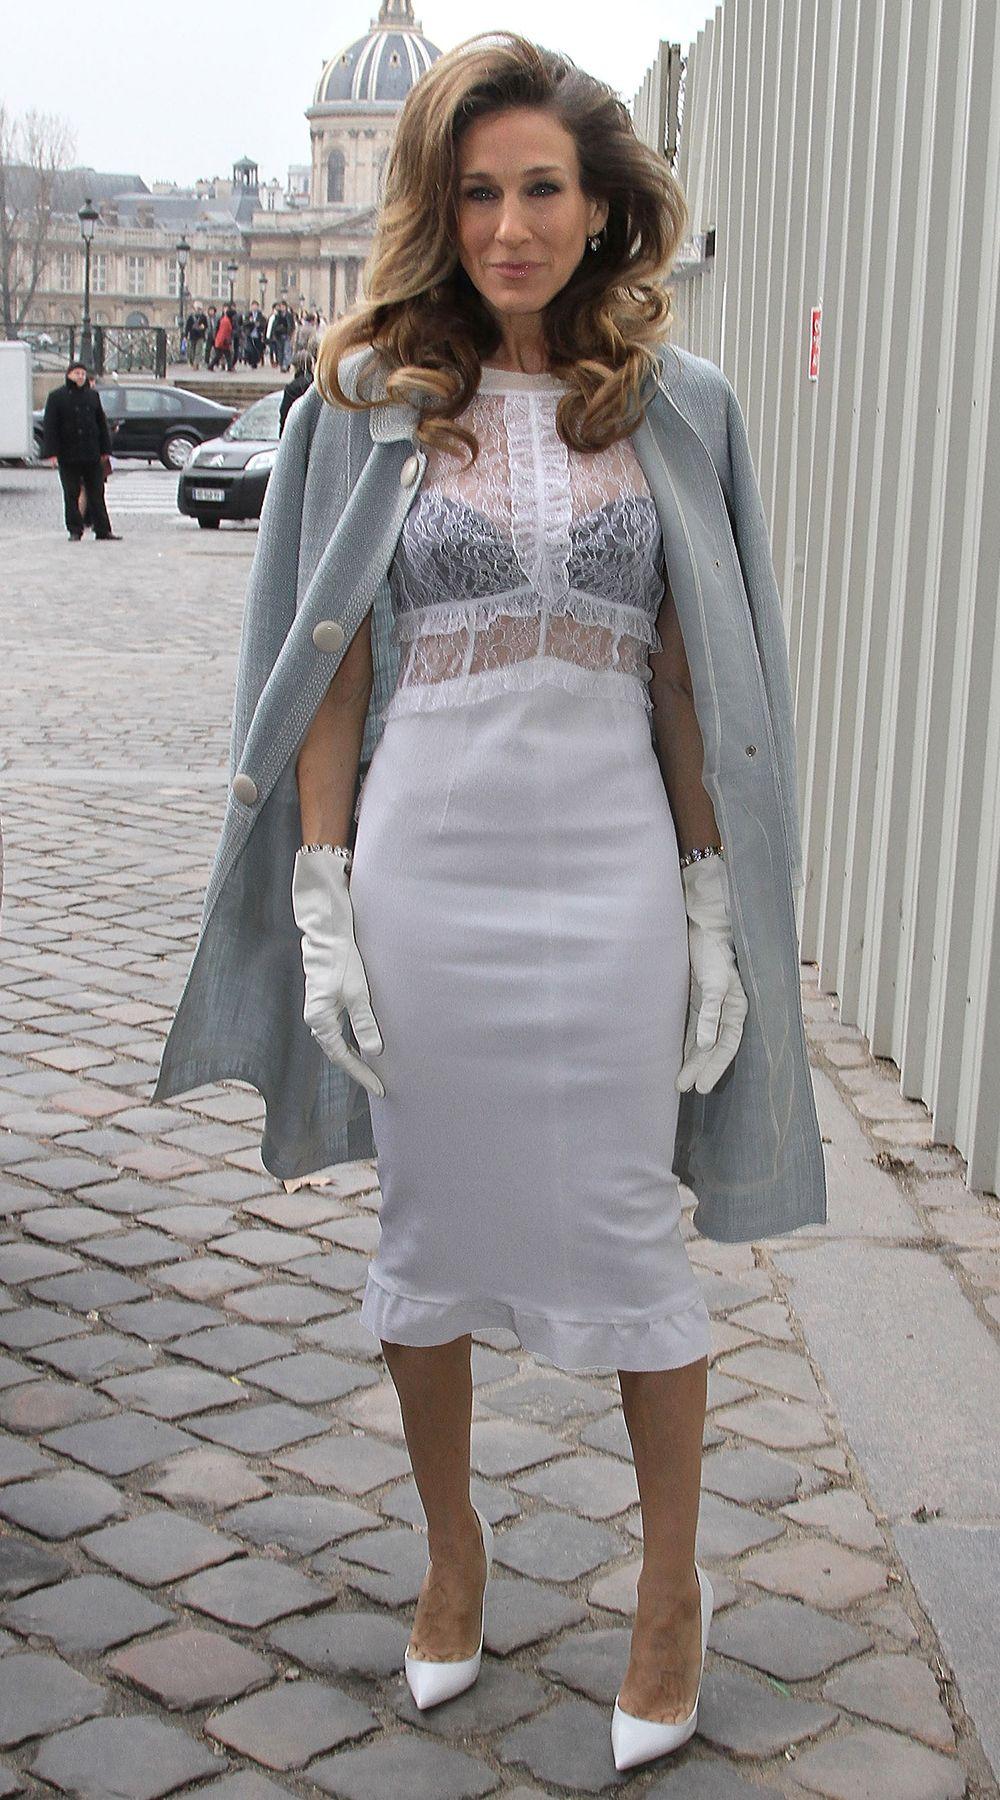 Sarah Jessica Parker wearing Louis Vuitton at The Louis Vuitton autumn/winter 2012 show in Paris.